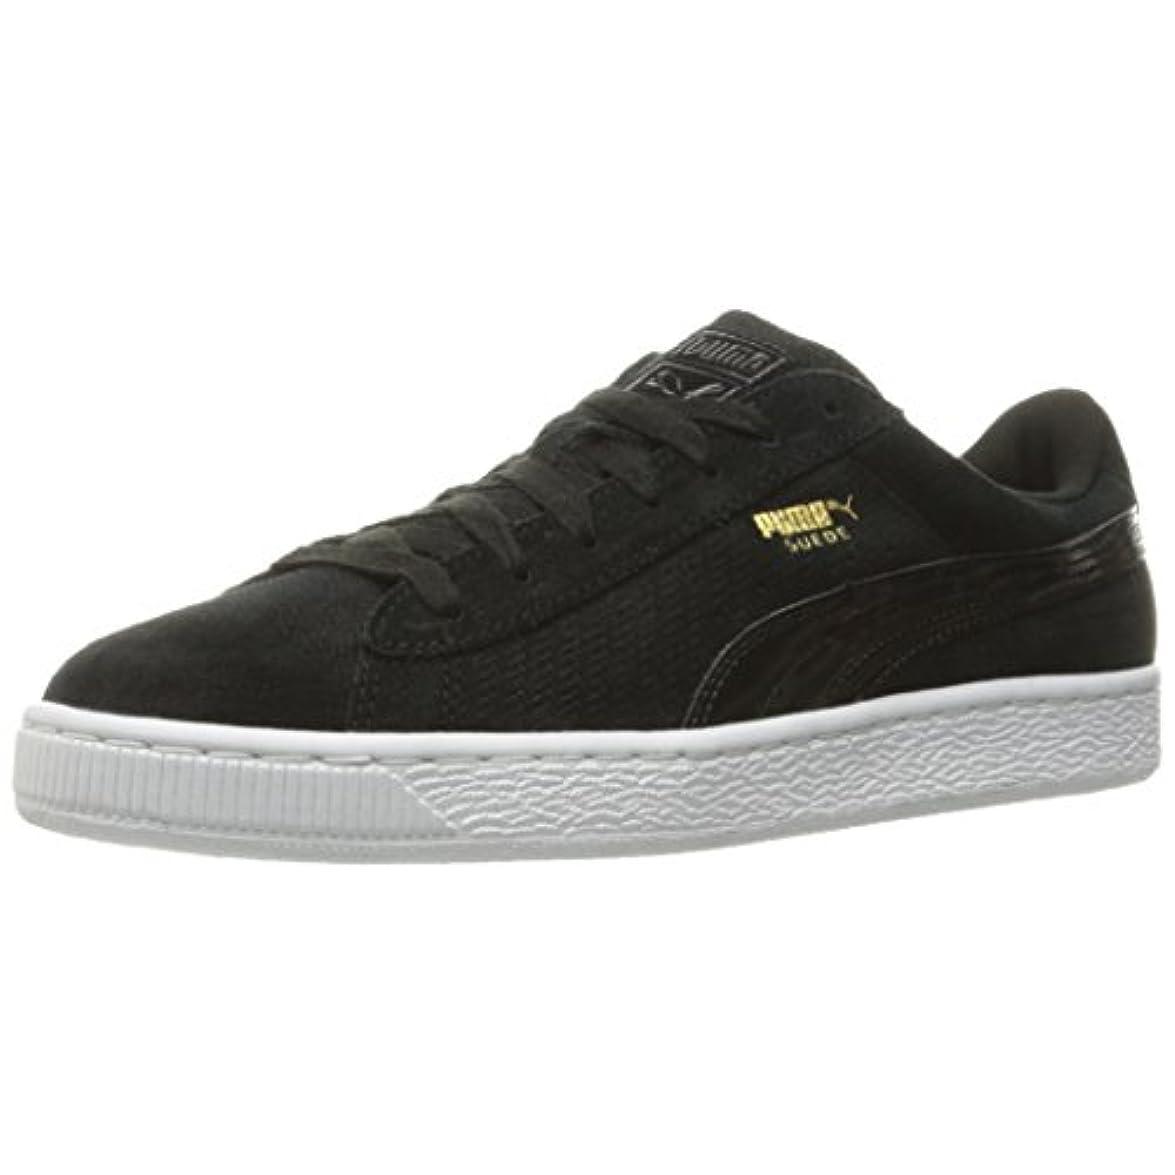 Remaster Per Cinture Da Donna Wn's Fashion Sneaker Puma Black 7 5 M Us